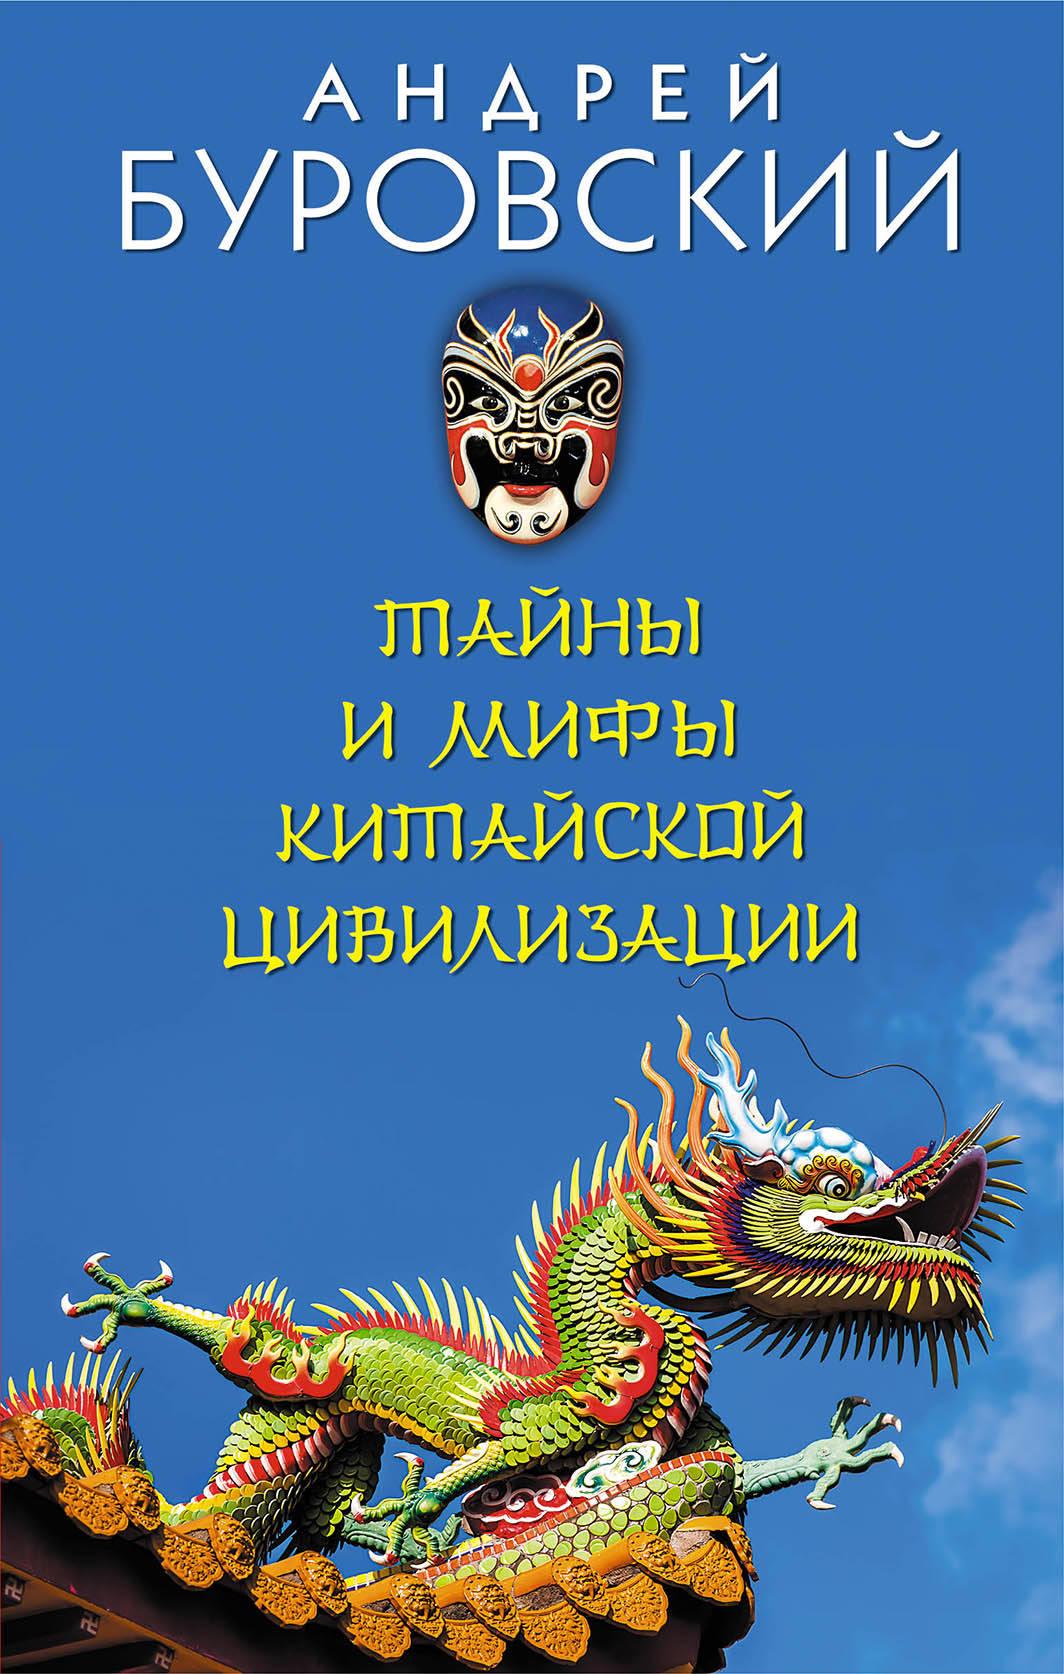 Тайны и мифы китайской цивилизации. Буровский Андрей Михайлович